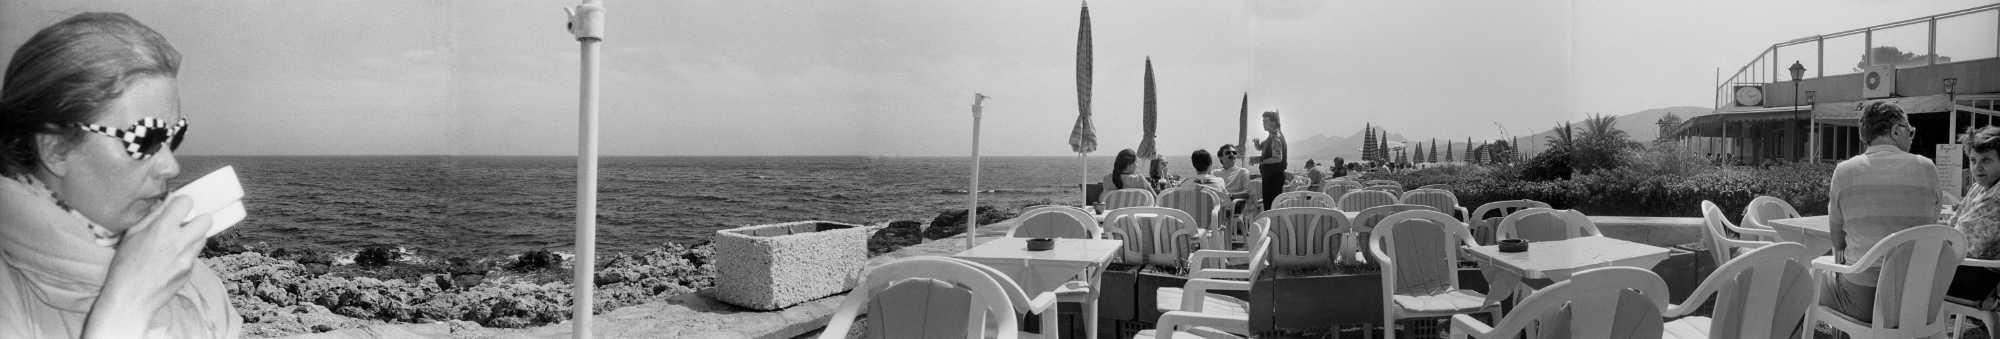 »Panorama in Cala Ratjada«, Fotos/Collage © Friedhelm Denkeler 1993